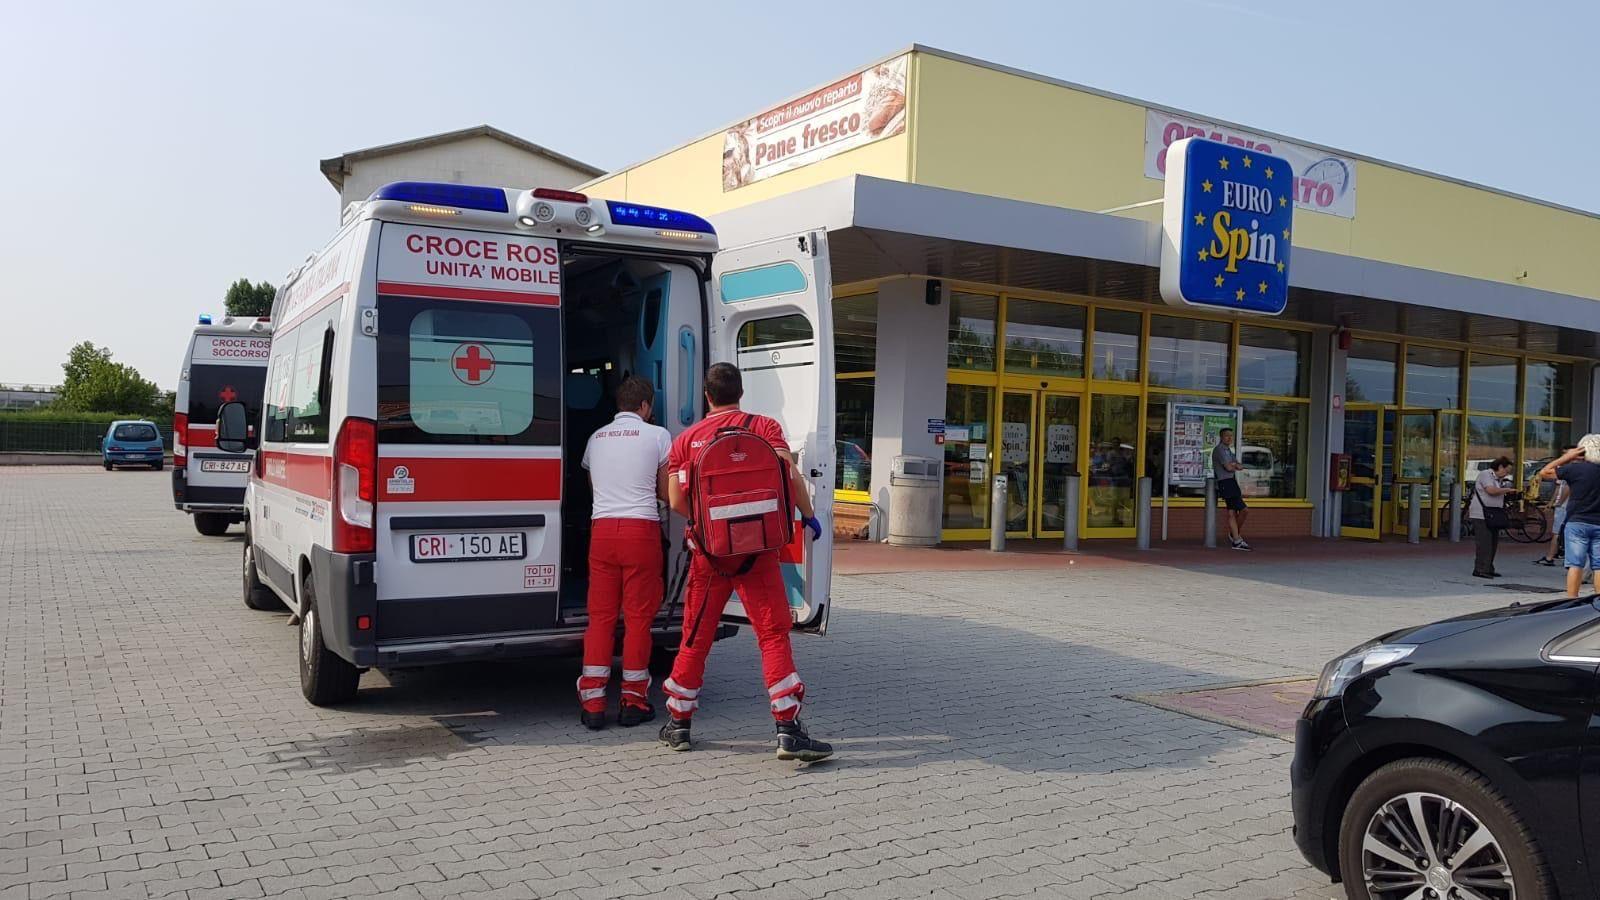 RIVAROLO - Dramma all'Eurospin, donna muore mentre fa la spesa. Il supermercato resta aperto